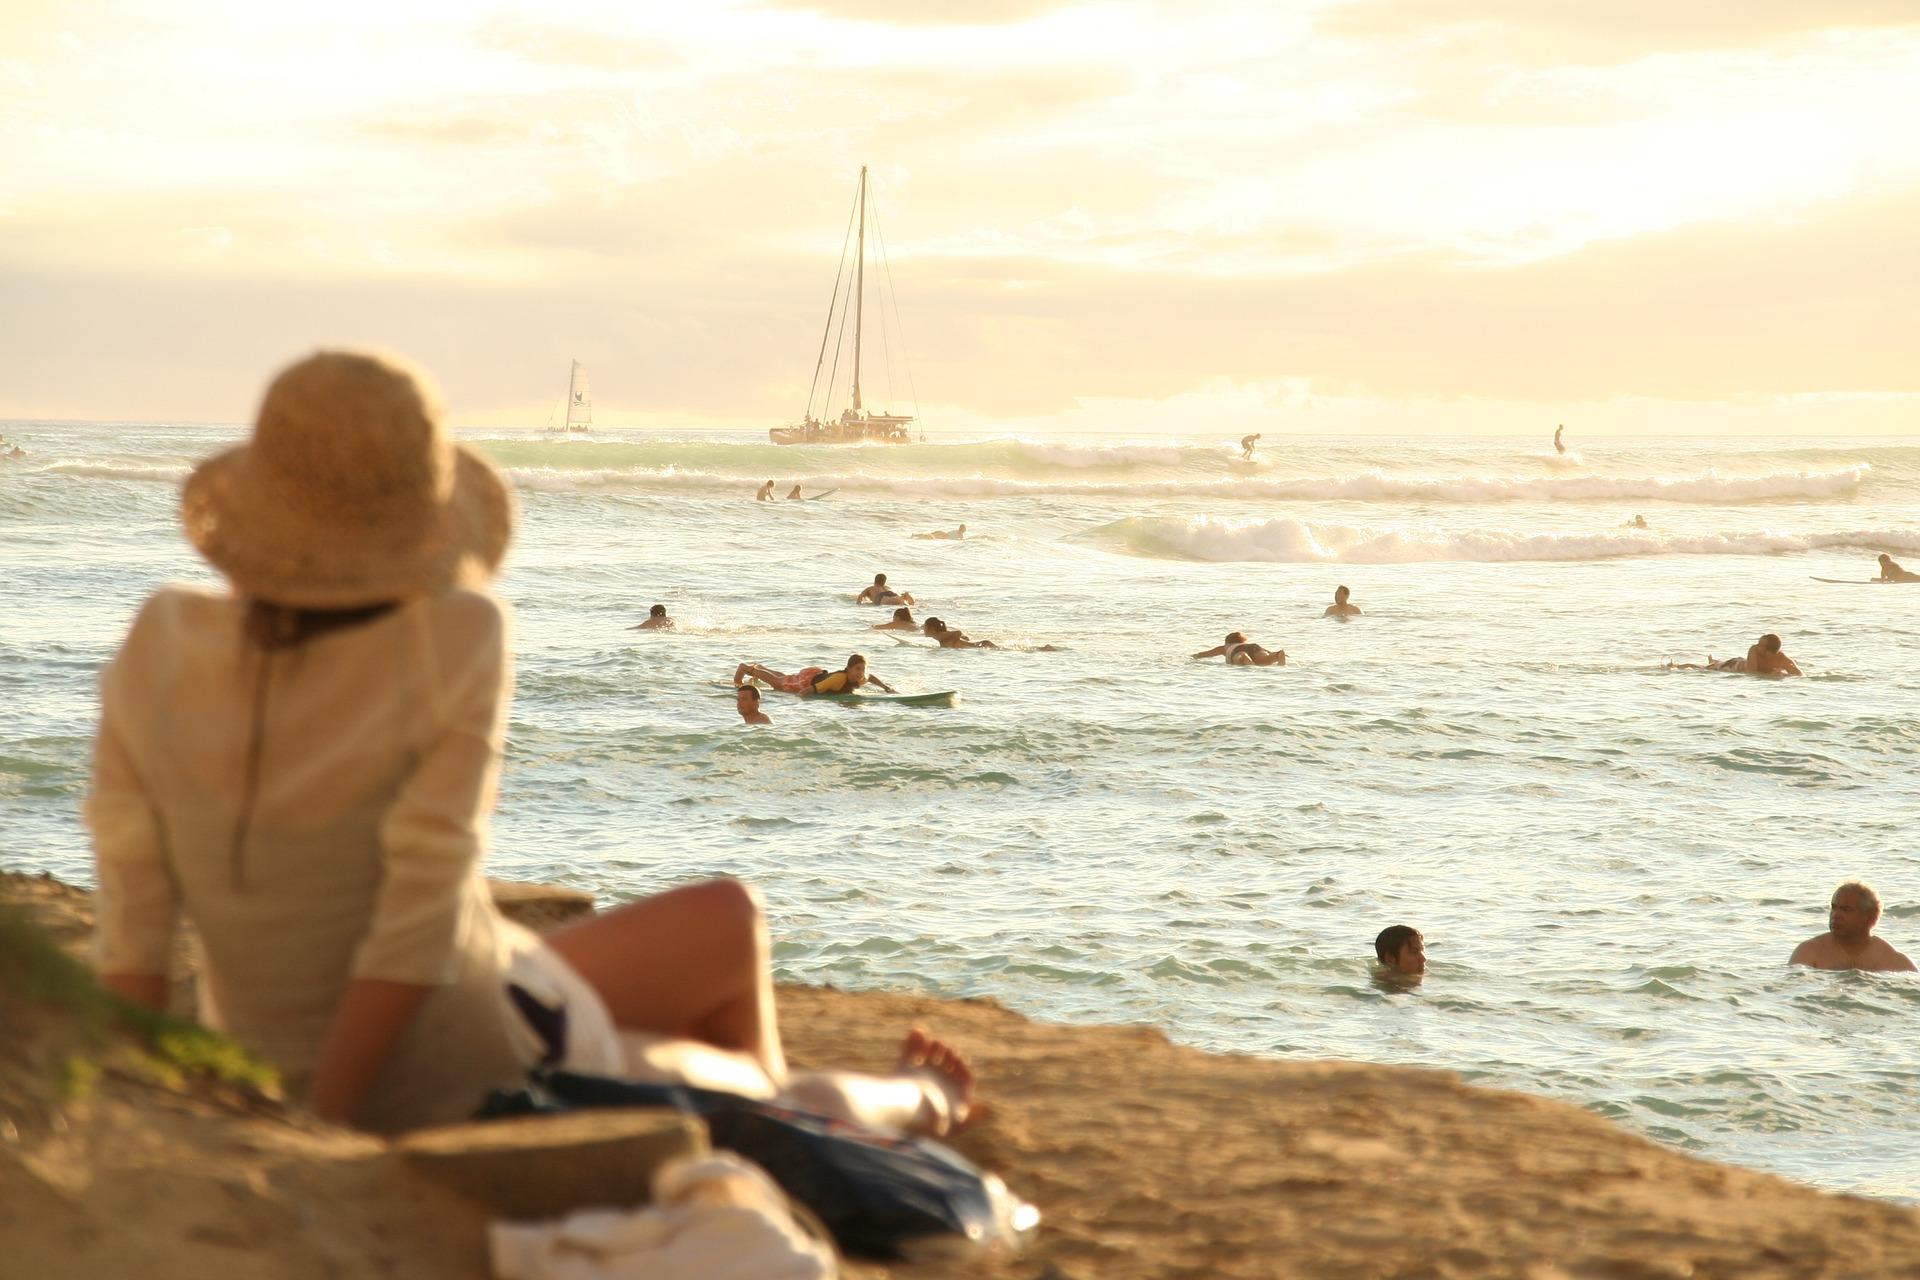 おすすめ関連情報 ハワイ行き格安航空券 成田ハワイ 関空ハワイ 名古屋ハワイ 旅TIME